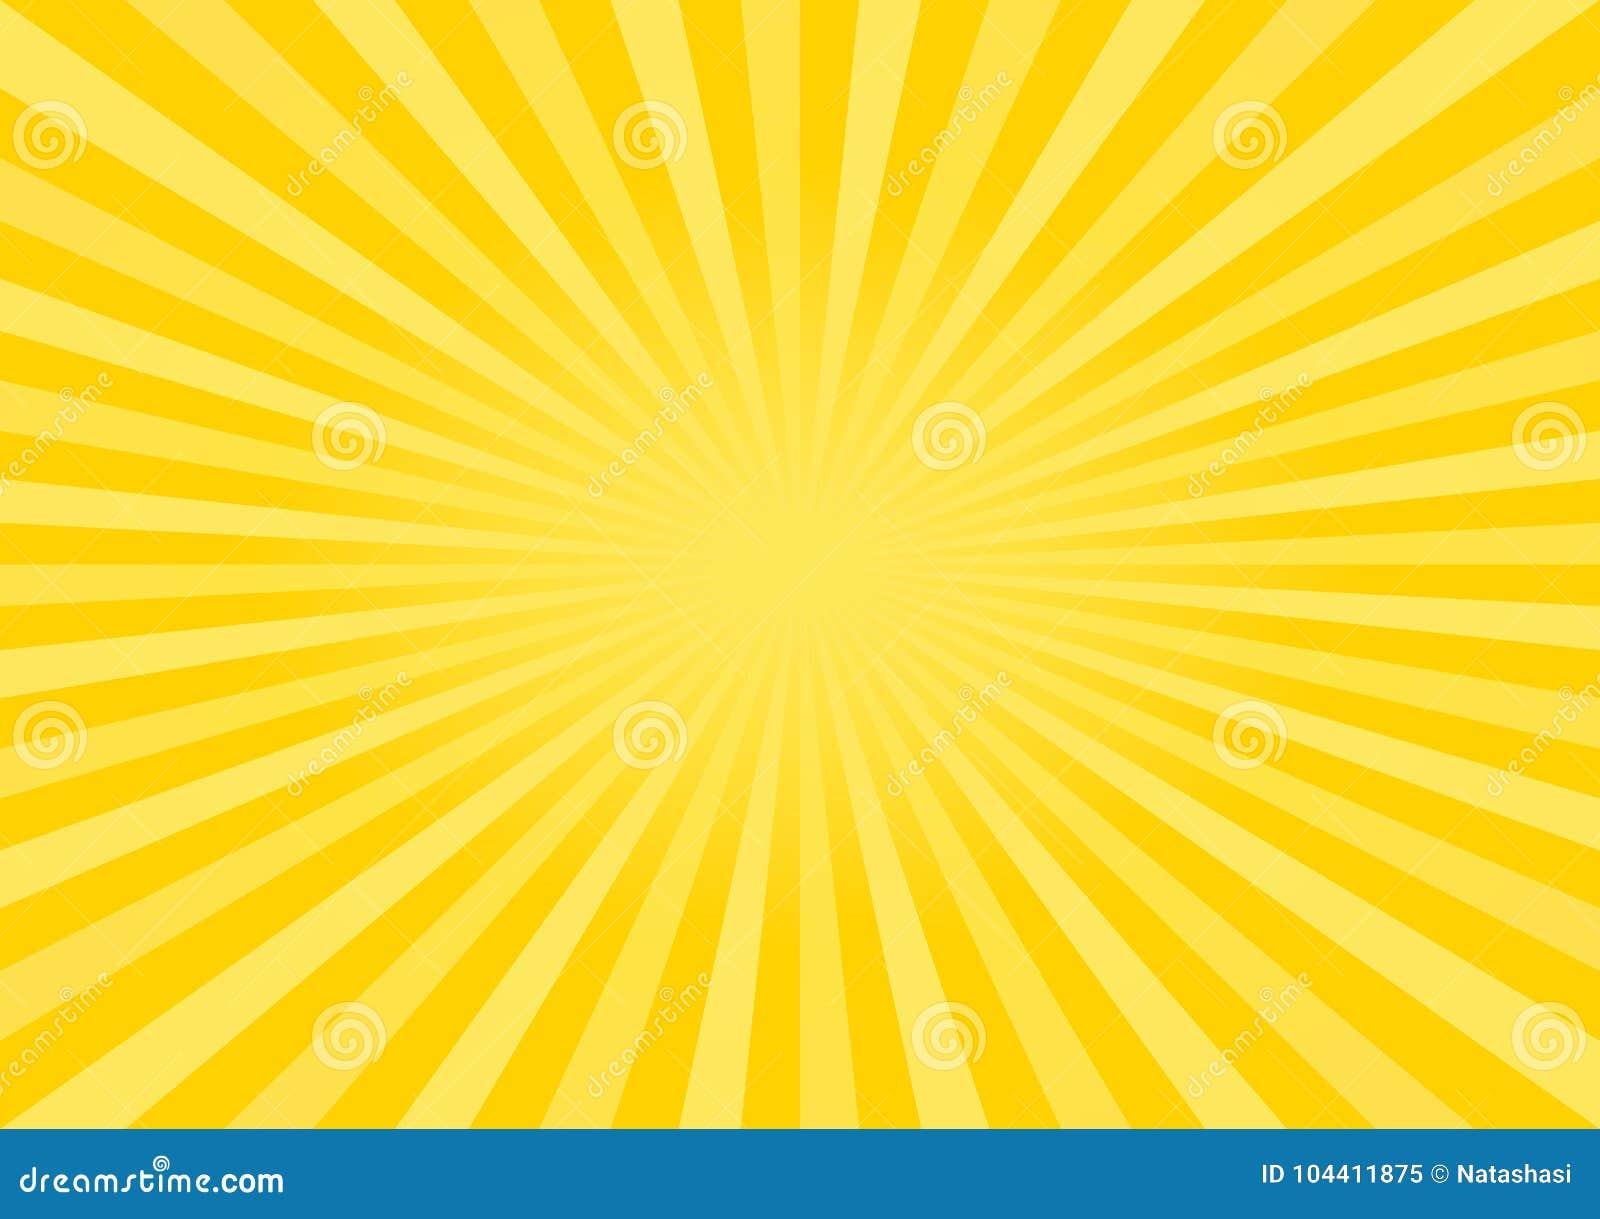 Fondo Amarillo-naranja Brillante Abstracto De Los Rayos